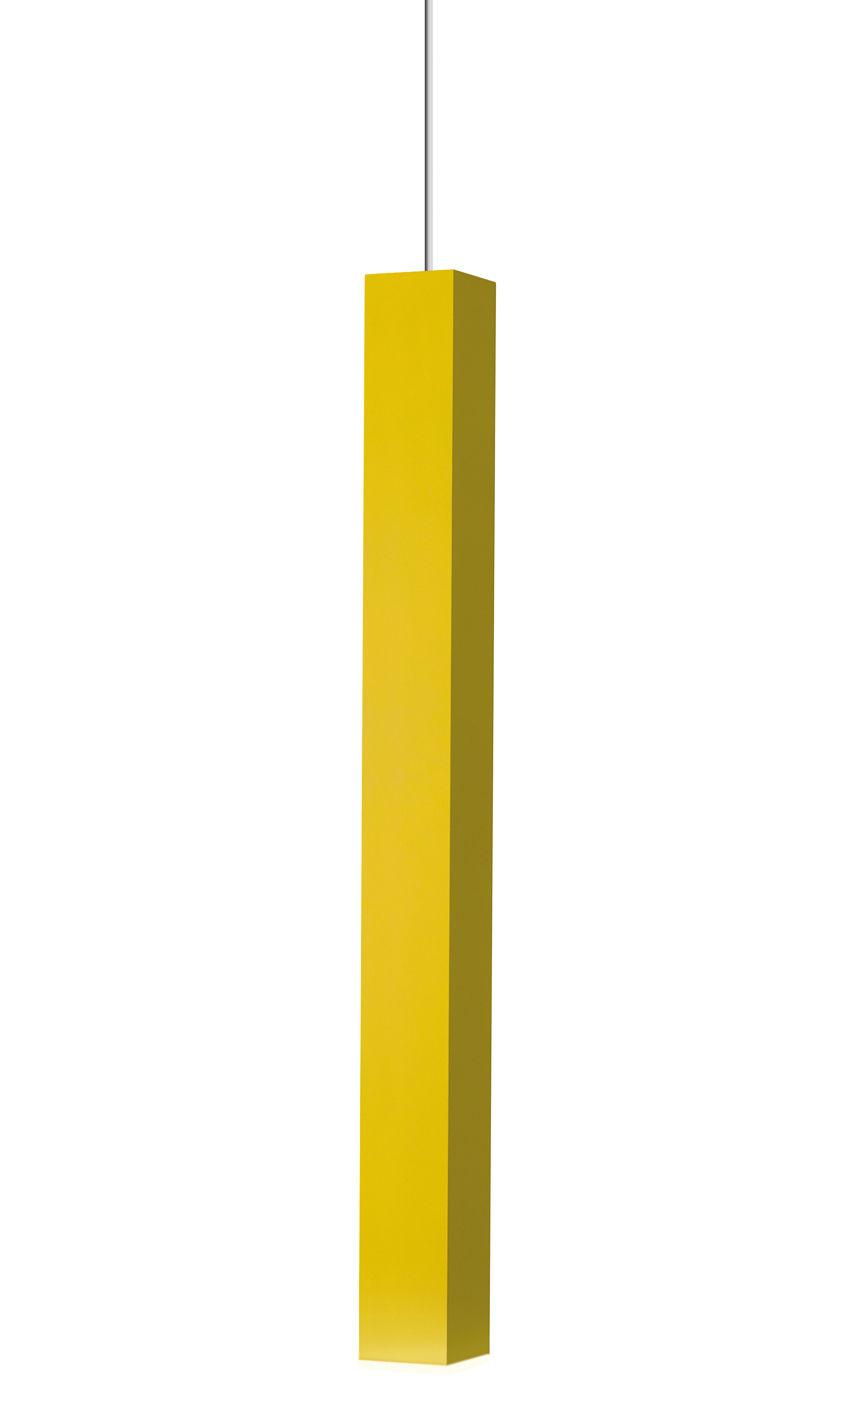 Leuchten - Pendelleuchten - Miyako Pendelleuchte LED-Version - Danese Light - LED - Gelb - bemaltes Aluminium